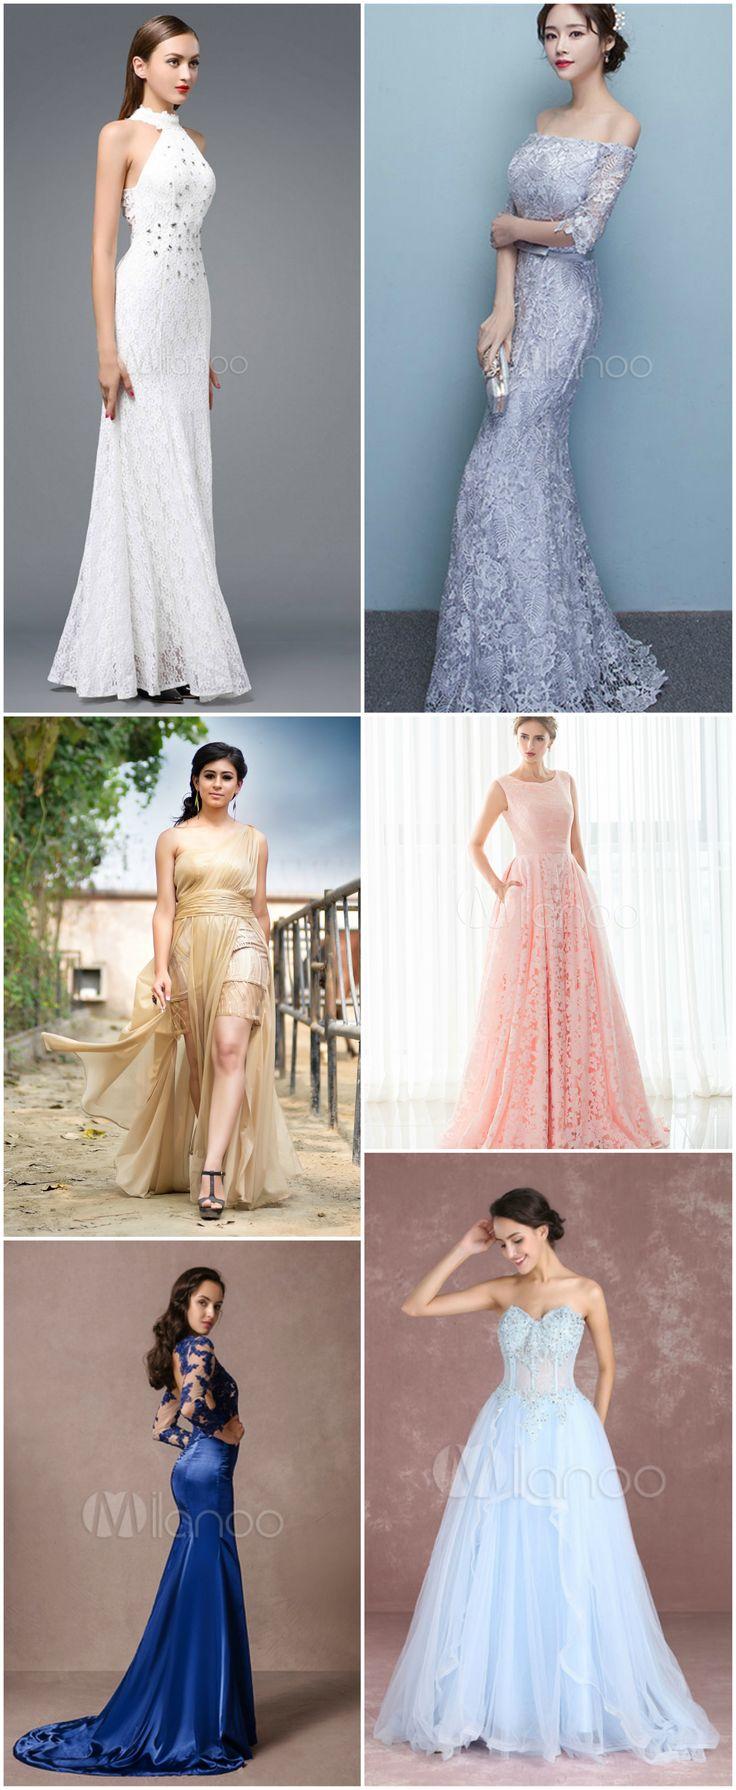 Sua próxima festa com uma roupa de arrasar 😍 #moda #fashion #milanoo #dresses #dicas #ofertas